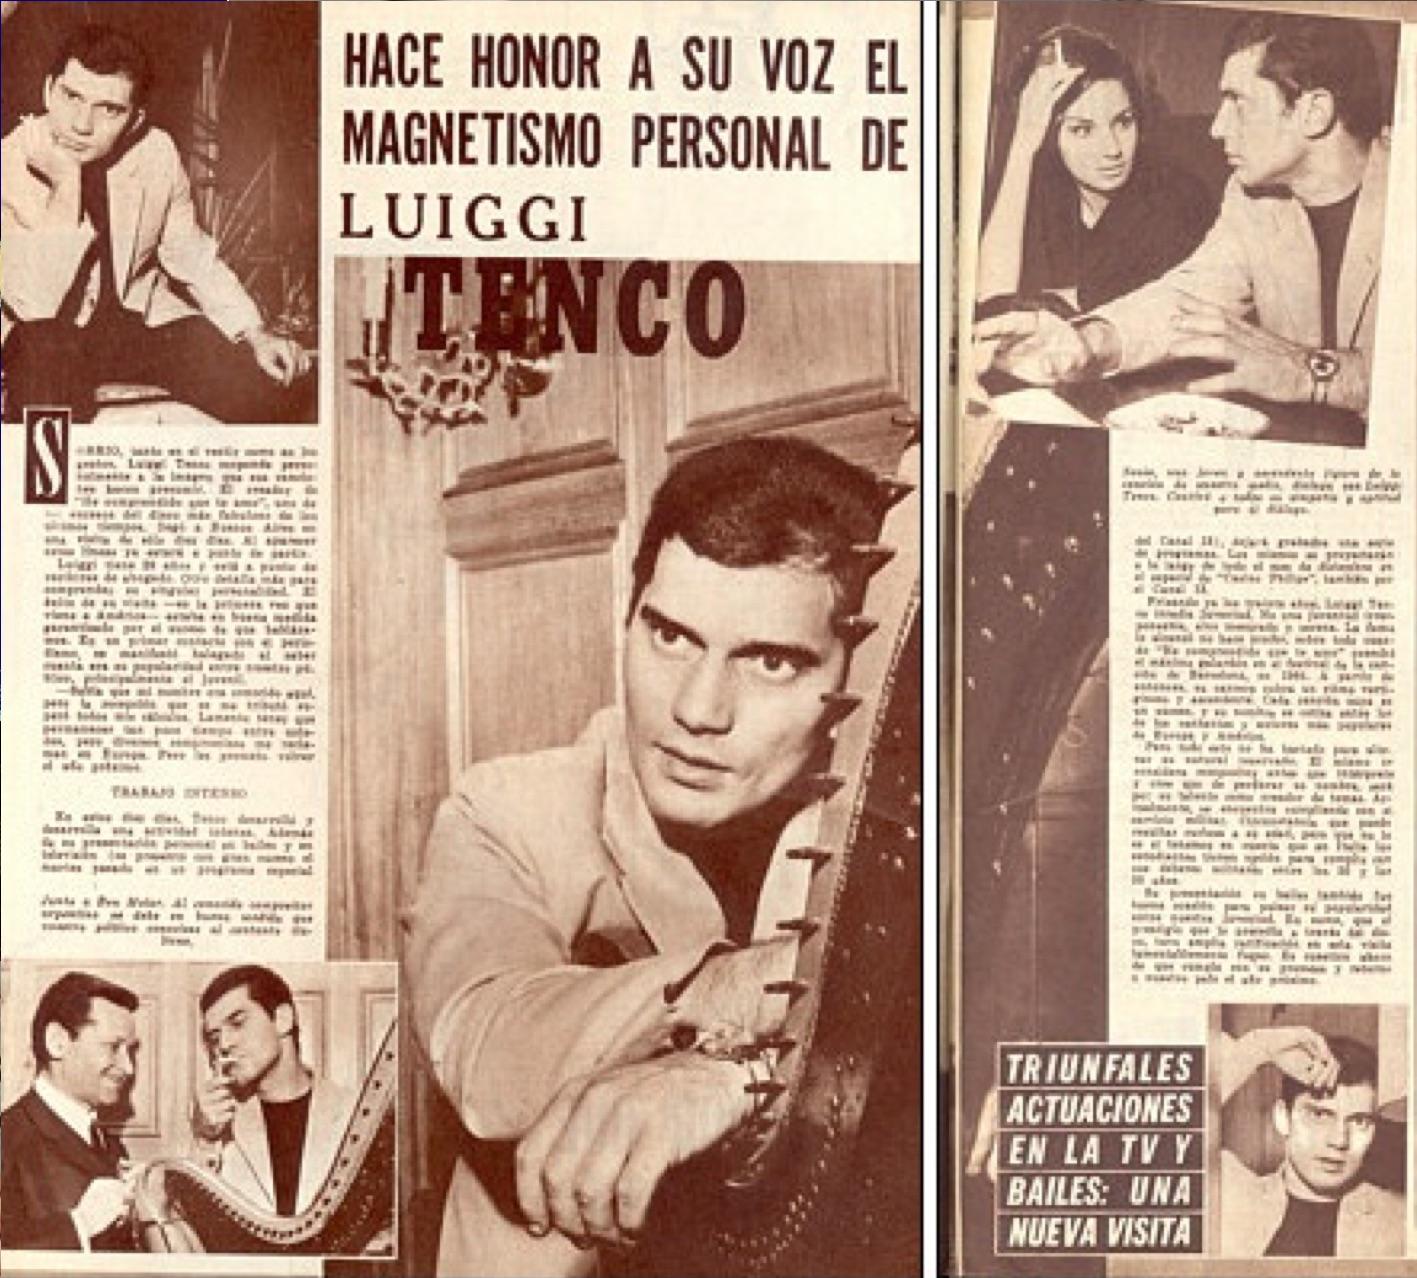 """Artículo de la revista """"Radiolandia"""" sobre la visita de Tenco a Argentina (diciembre 1965)."""